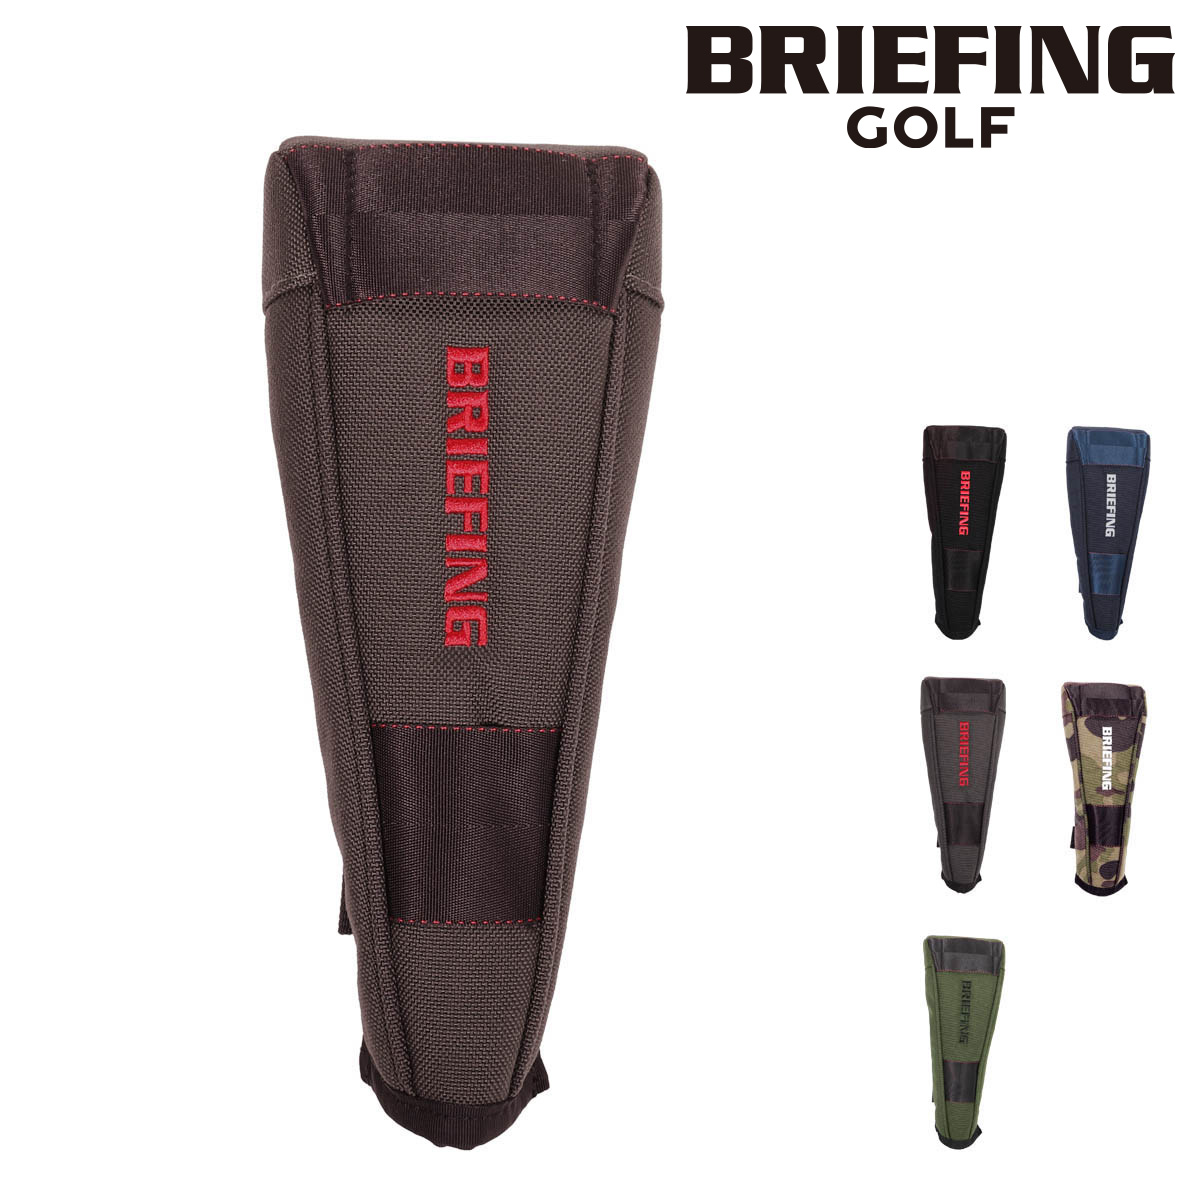 ブリーフィング ユーティリティカバー メンズ BRG193G59 BRIEFING | 軽量 撥水 ゴルフ[即日発送]